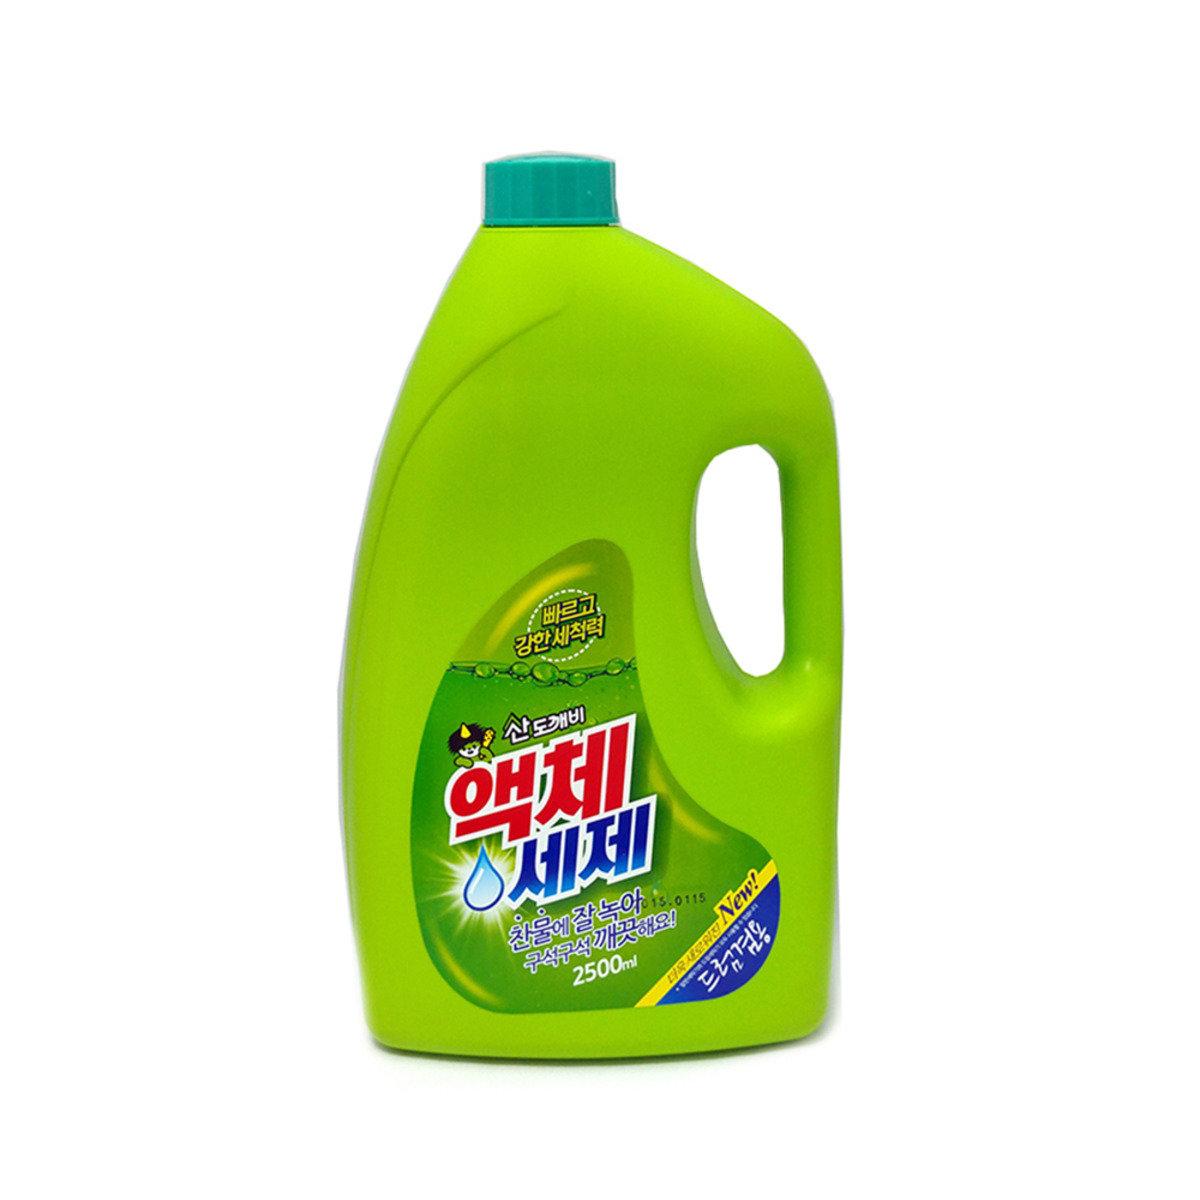 洗衣液 (2500毫升)